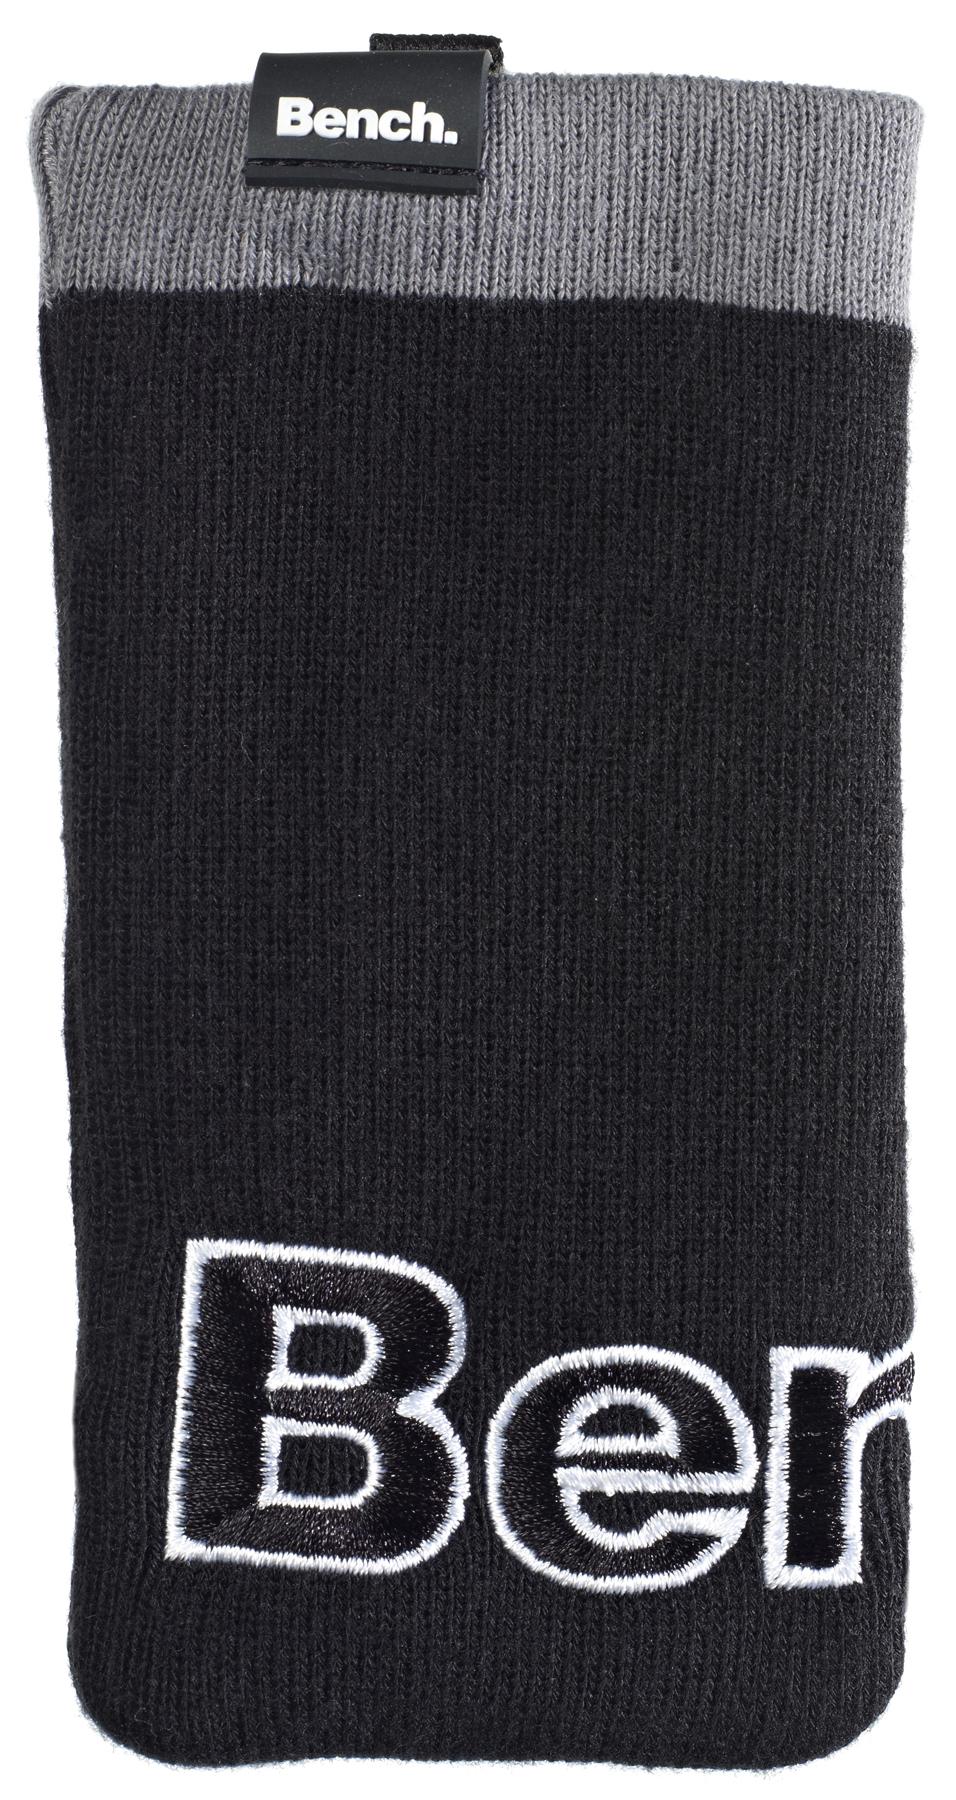 Bench black/white Sock Large (Schwarz, Weiß)